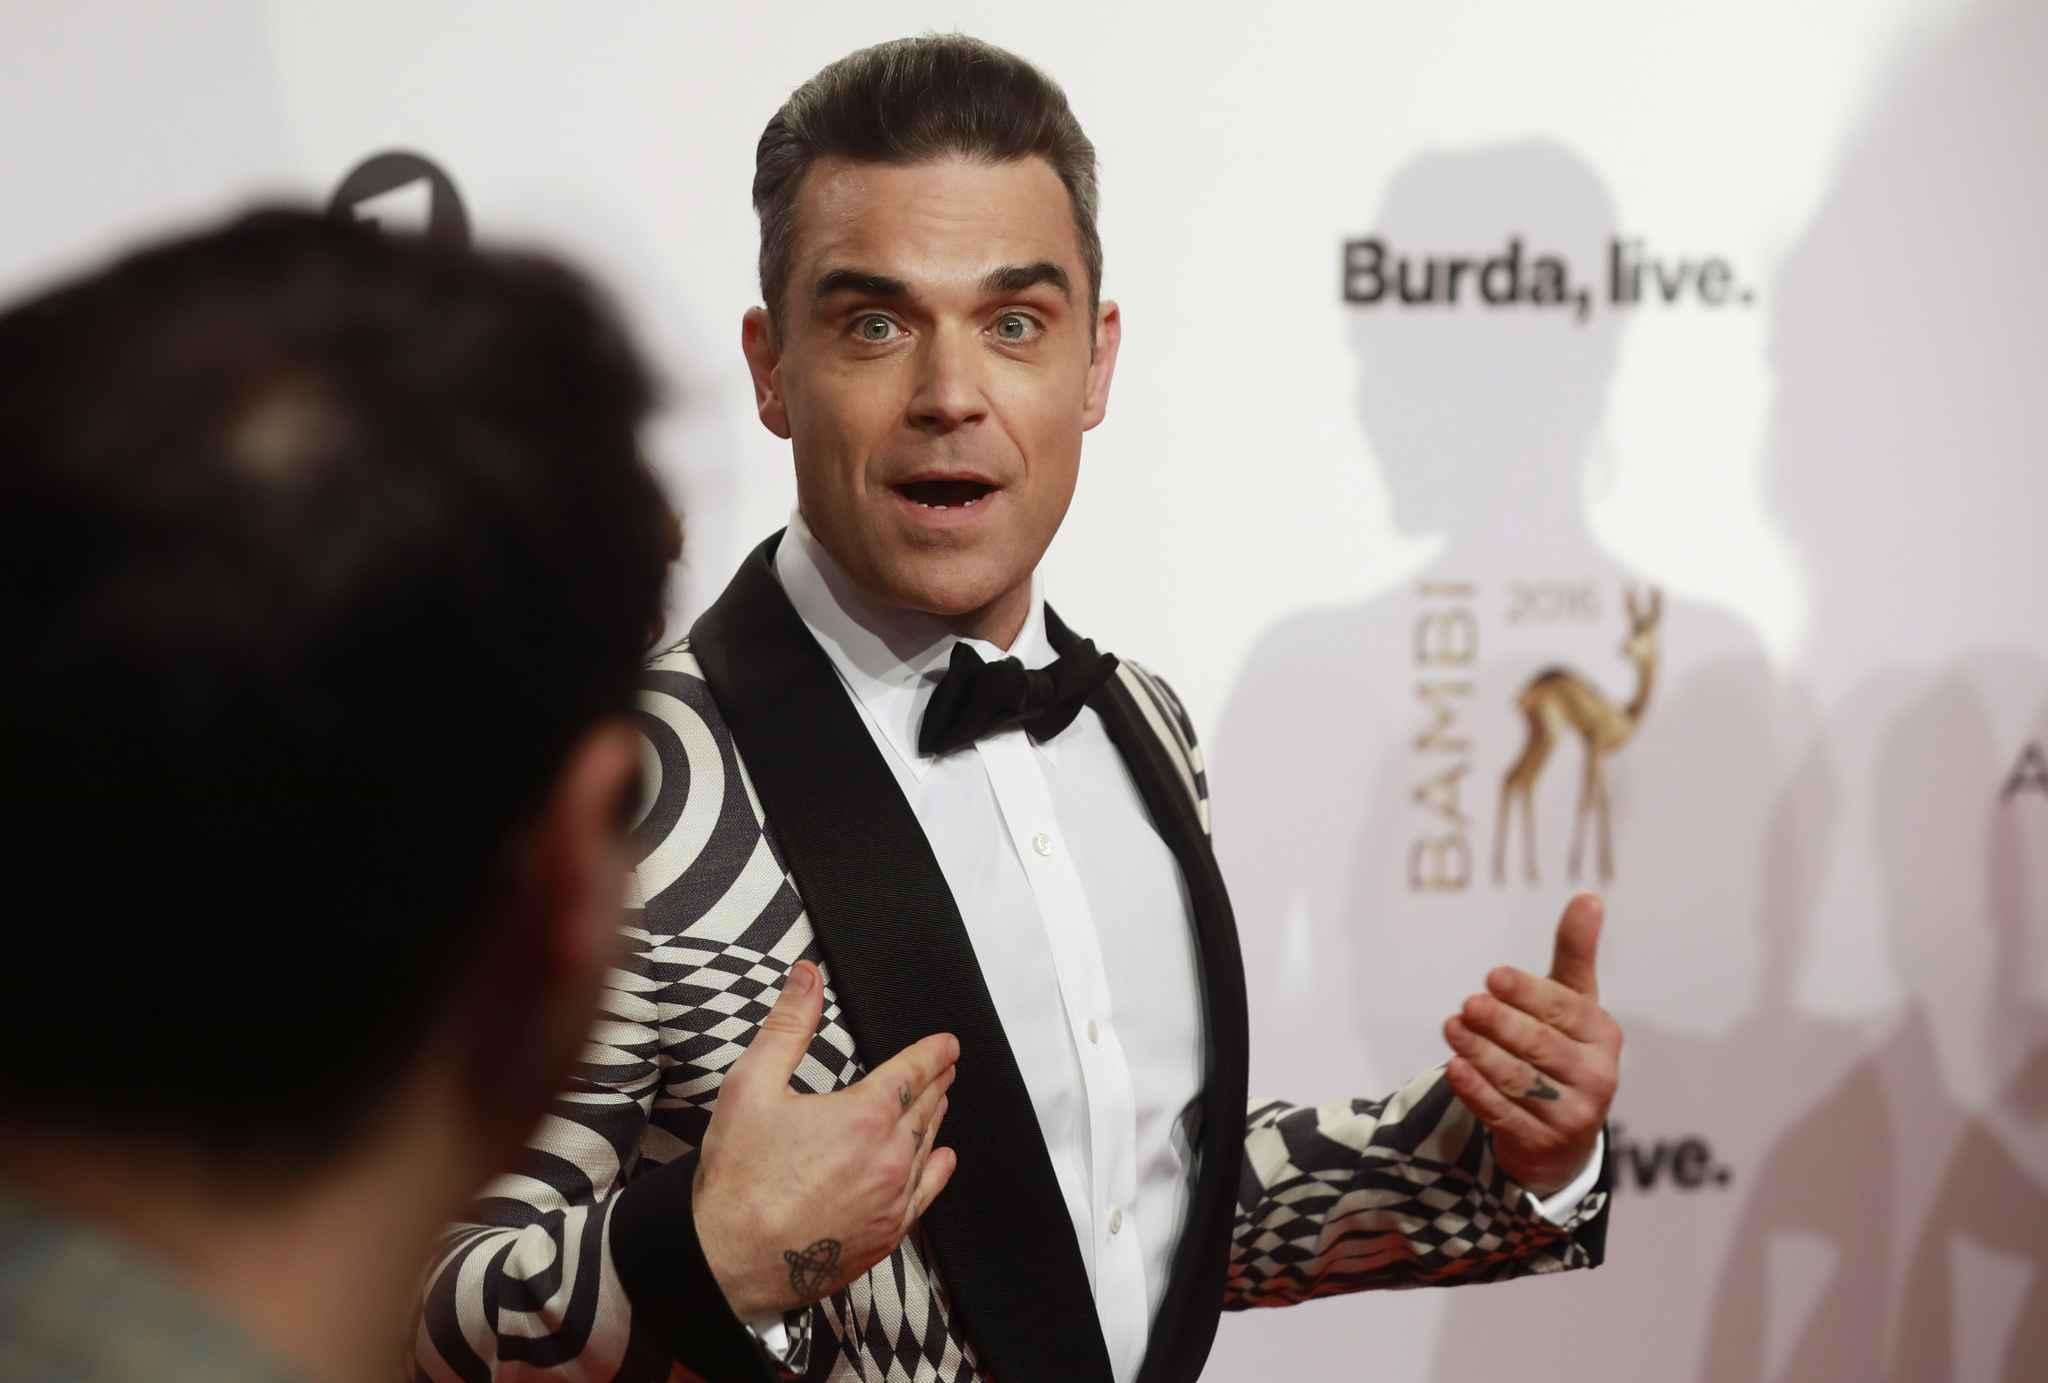 La candidate russe interdite d'entrée en Ukraine, sa participation bloquée — Eurovision